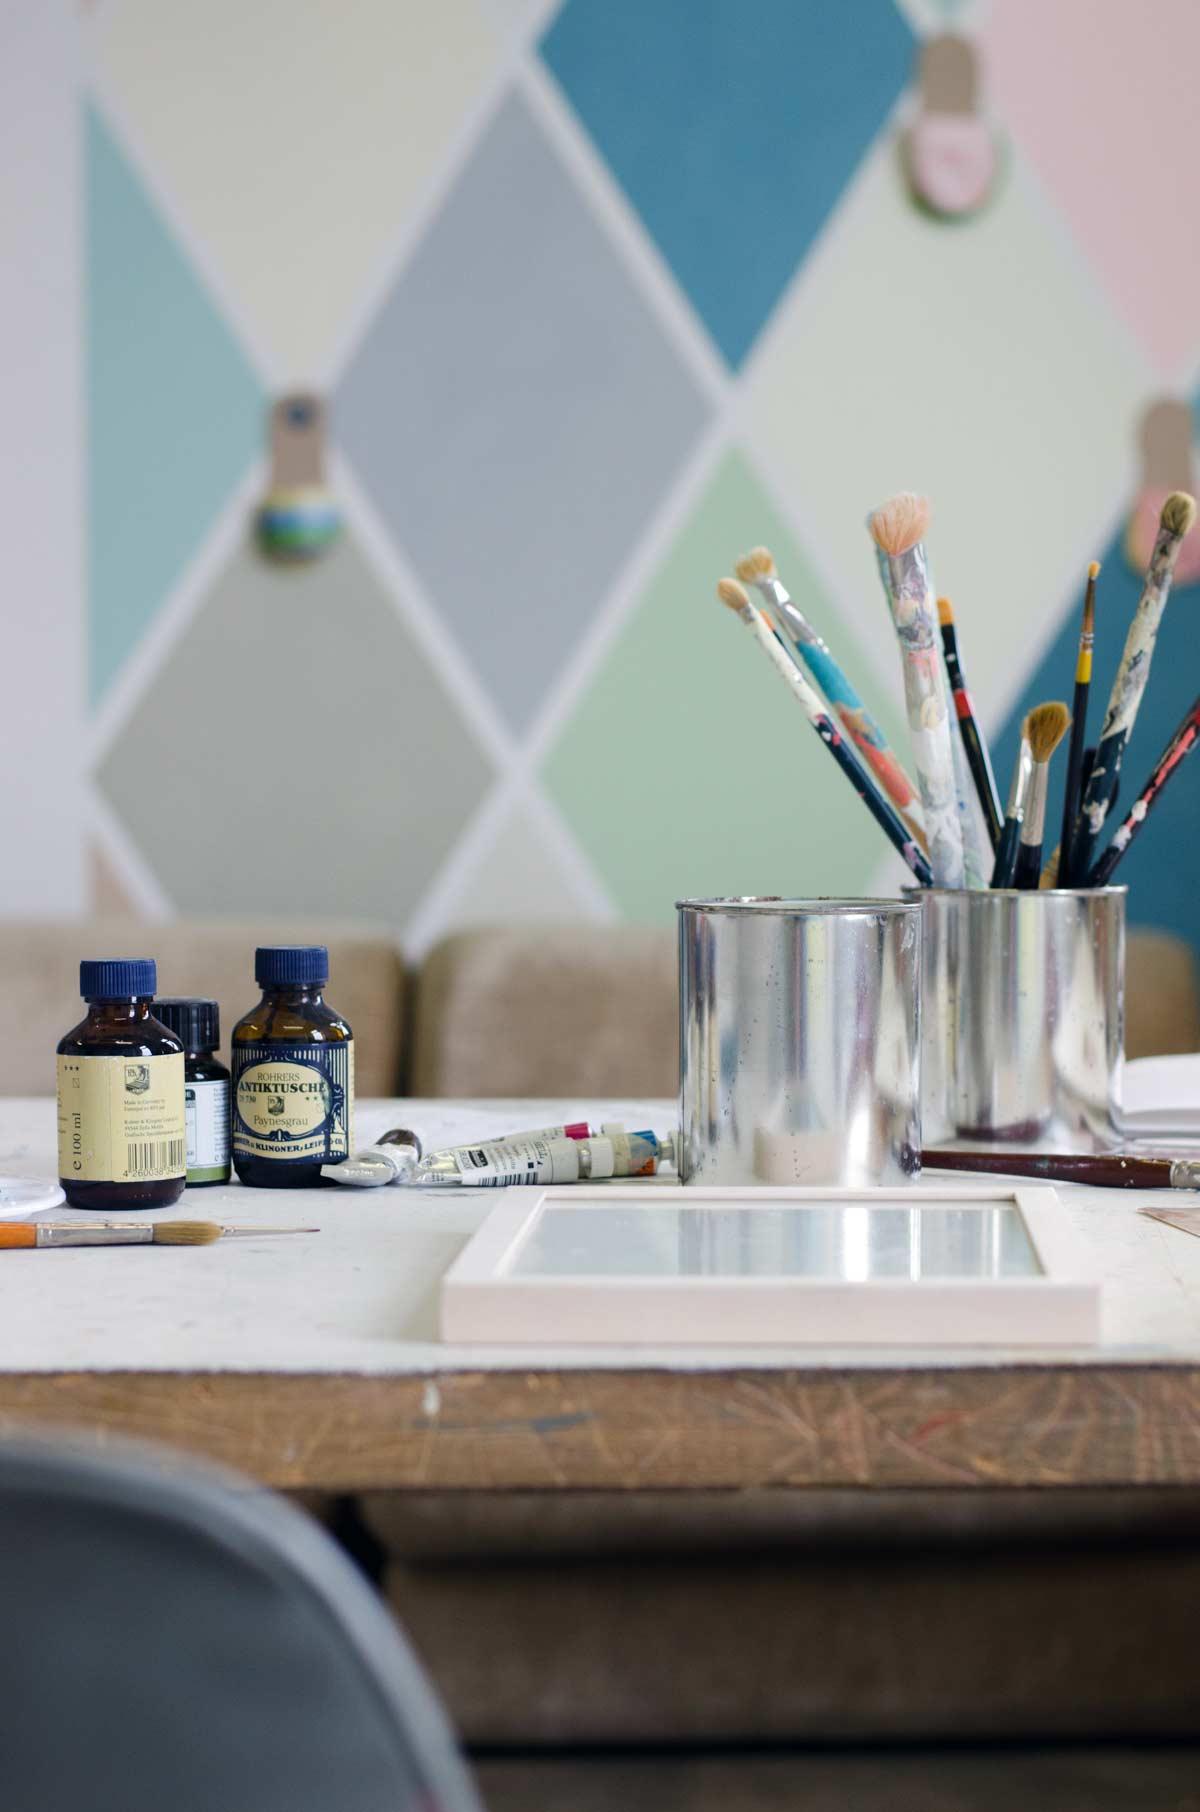 Künstleratelier, Charlotte Crome, wandfirma. hamburgvoninnen.de Wandgestaltung mit Farbe